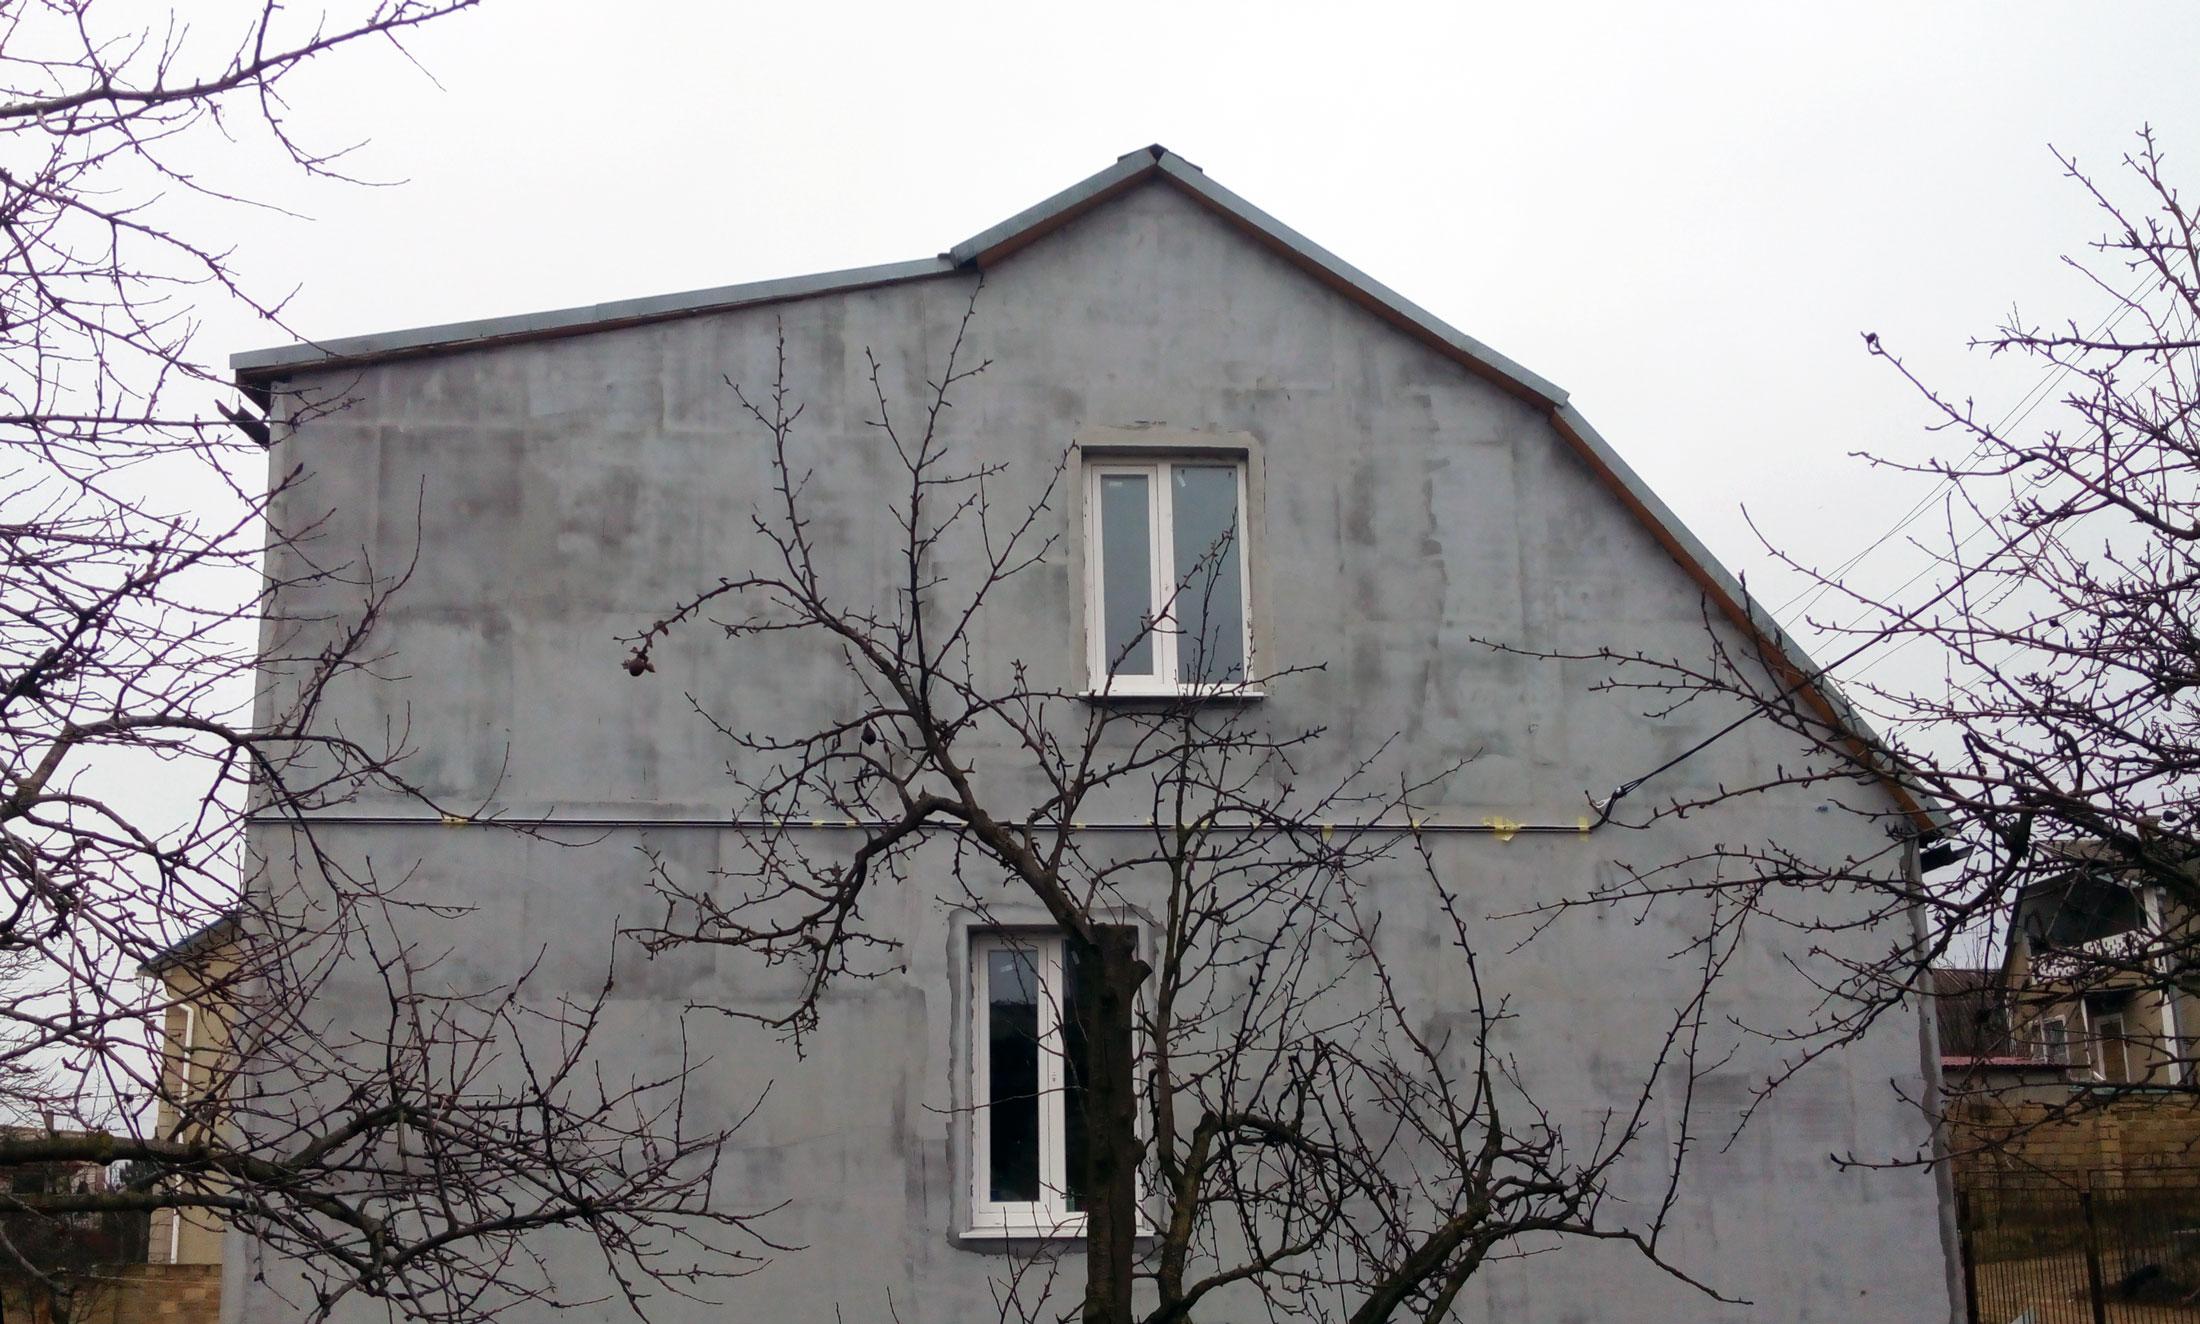 монтаж металлочерепицы Одесса, кровля из металлочерепицы, крыша из металлочерепицы, монтаж кровли из металлочерепицы Одесса, укладка металлочерепицы